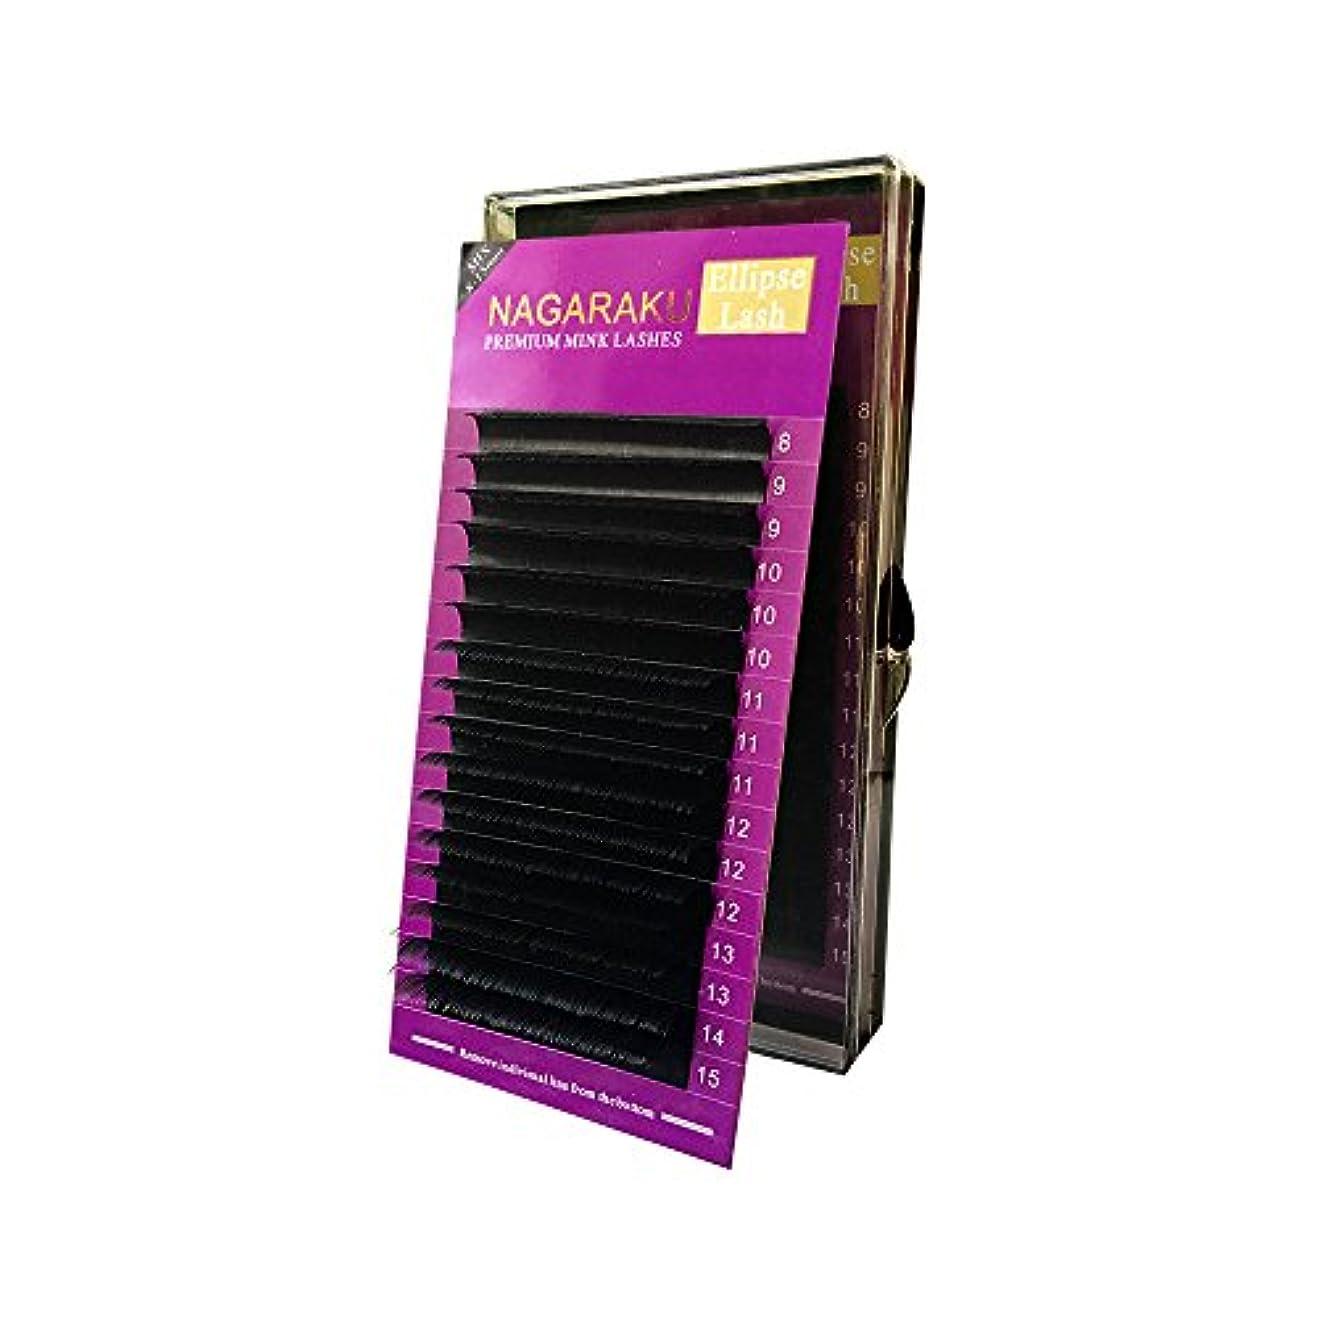 通信網スラック協力NAGARAKU 0.15mm,C curl,mix 8~15mm in one case, Ellipse Flat False Eyelash Extension,flat mink eyelashes,Ellipse...